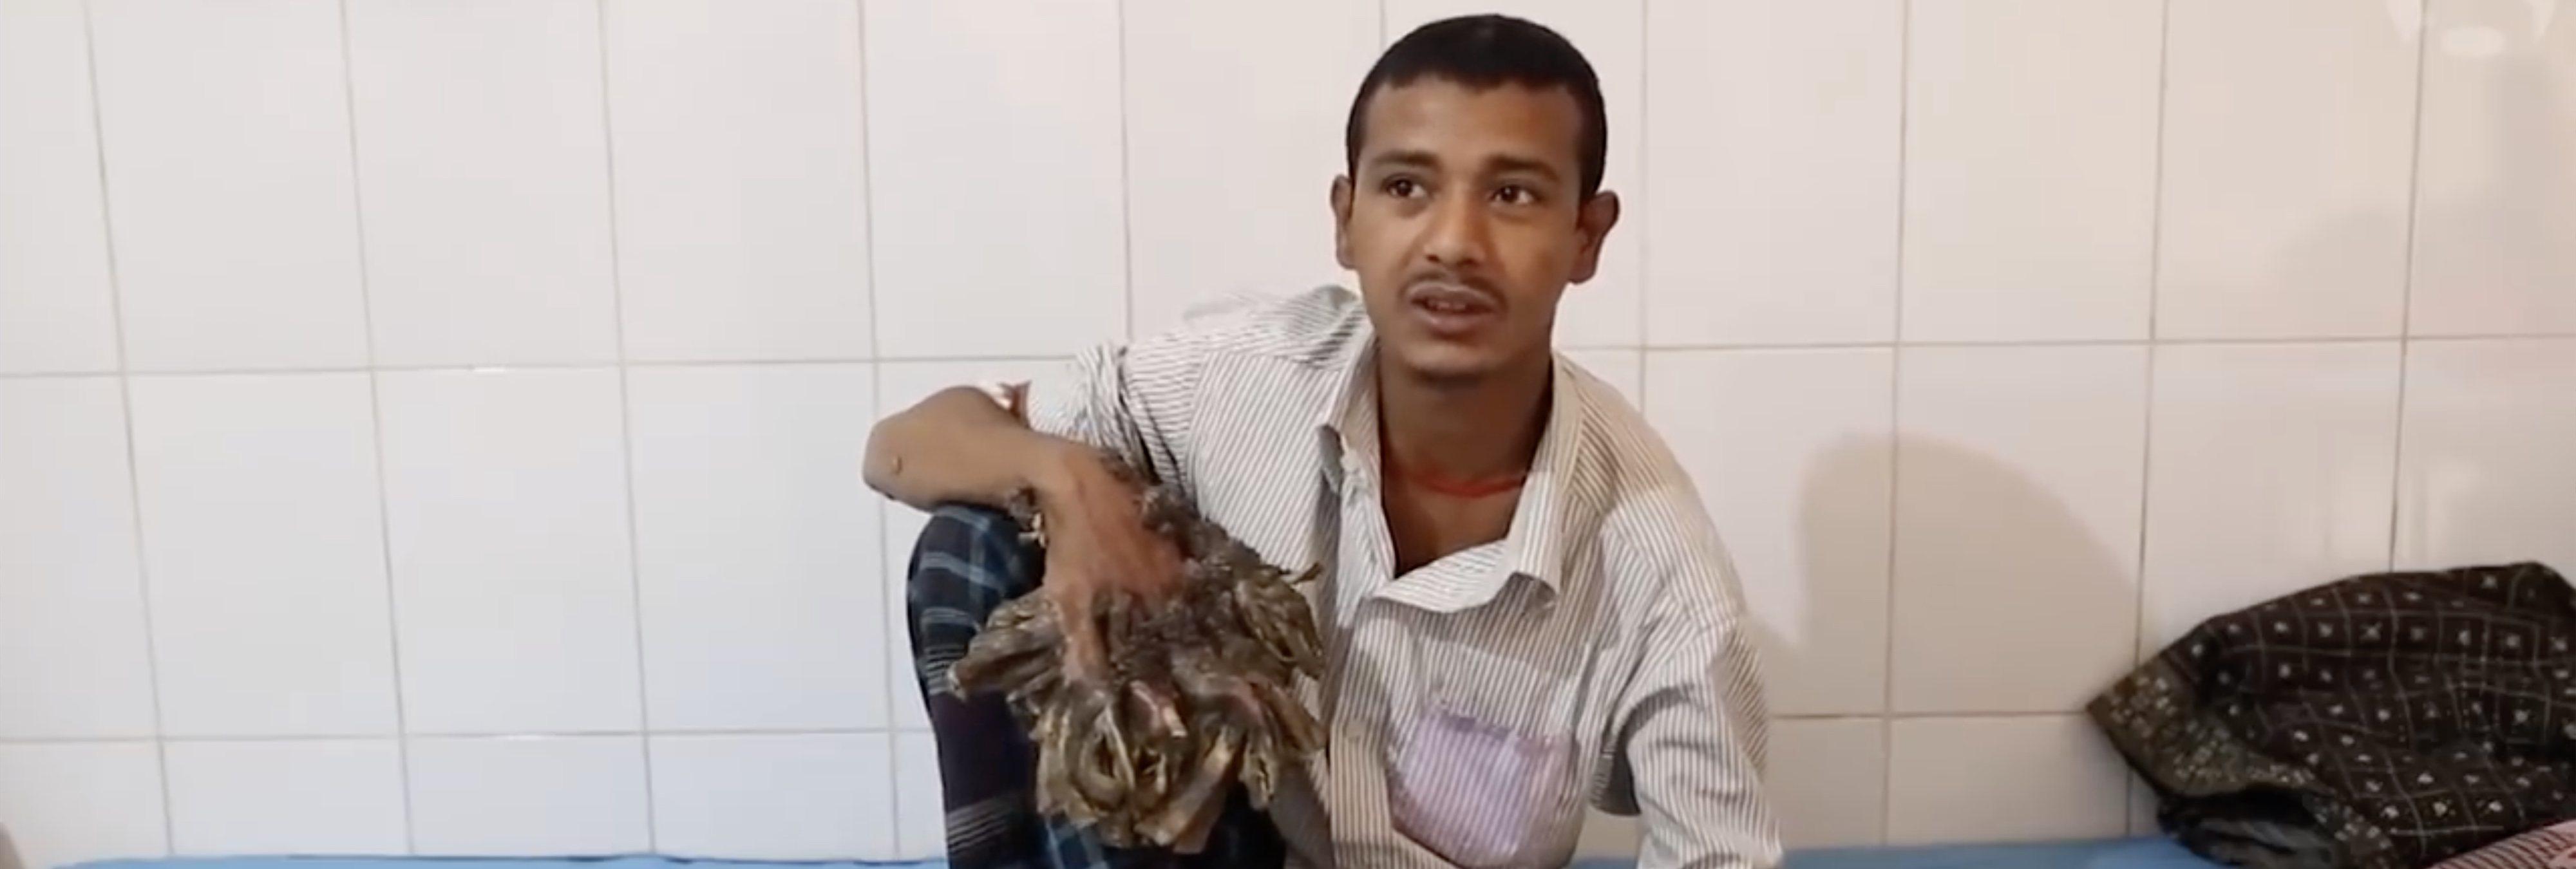 El famoso 'hombre árbol' pide que le amputen las manos tras 'curarse': no soporta el dolor